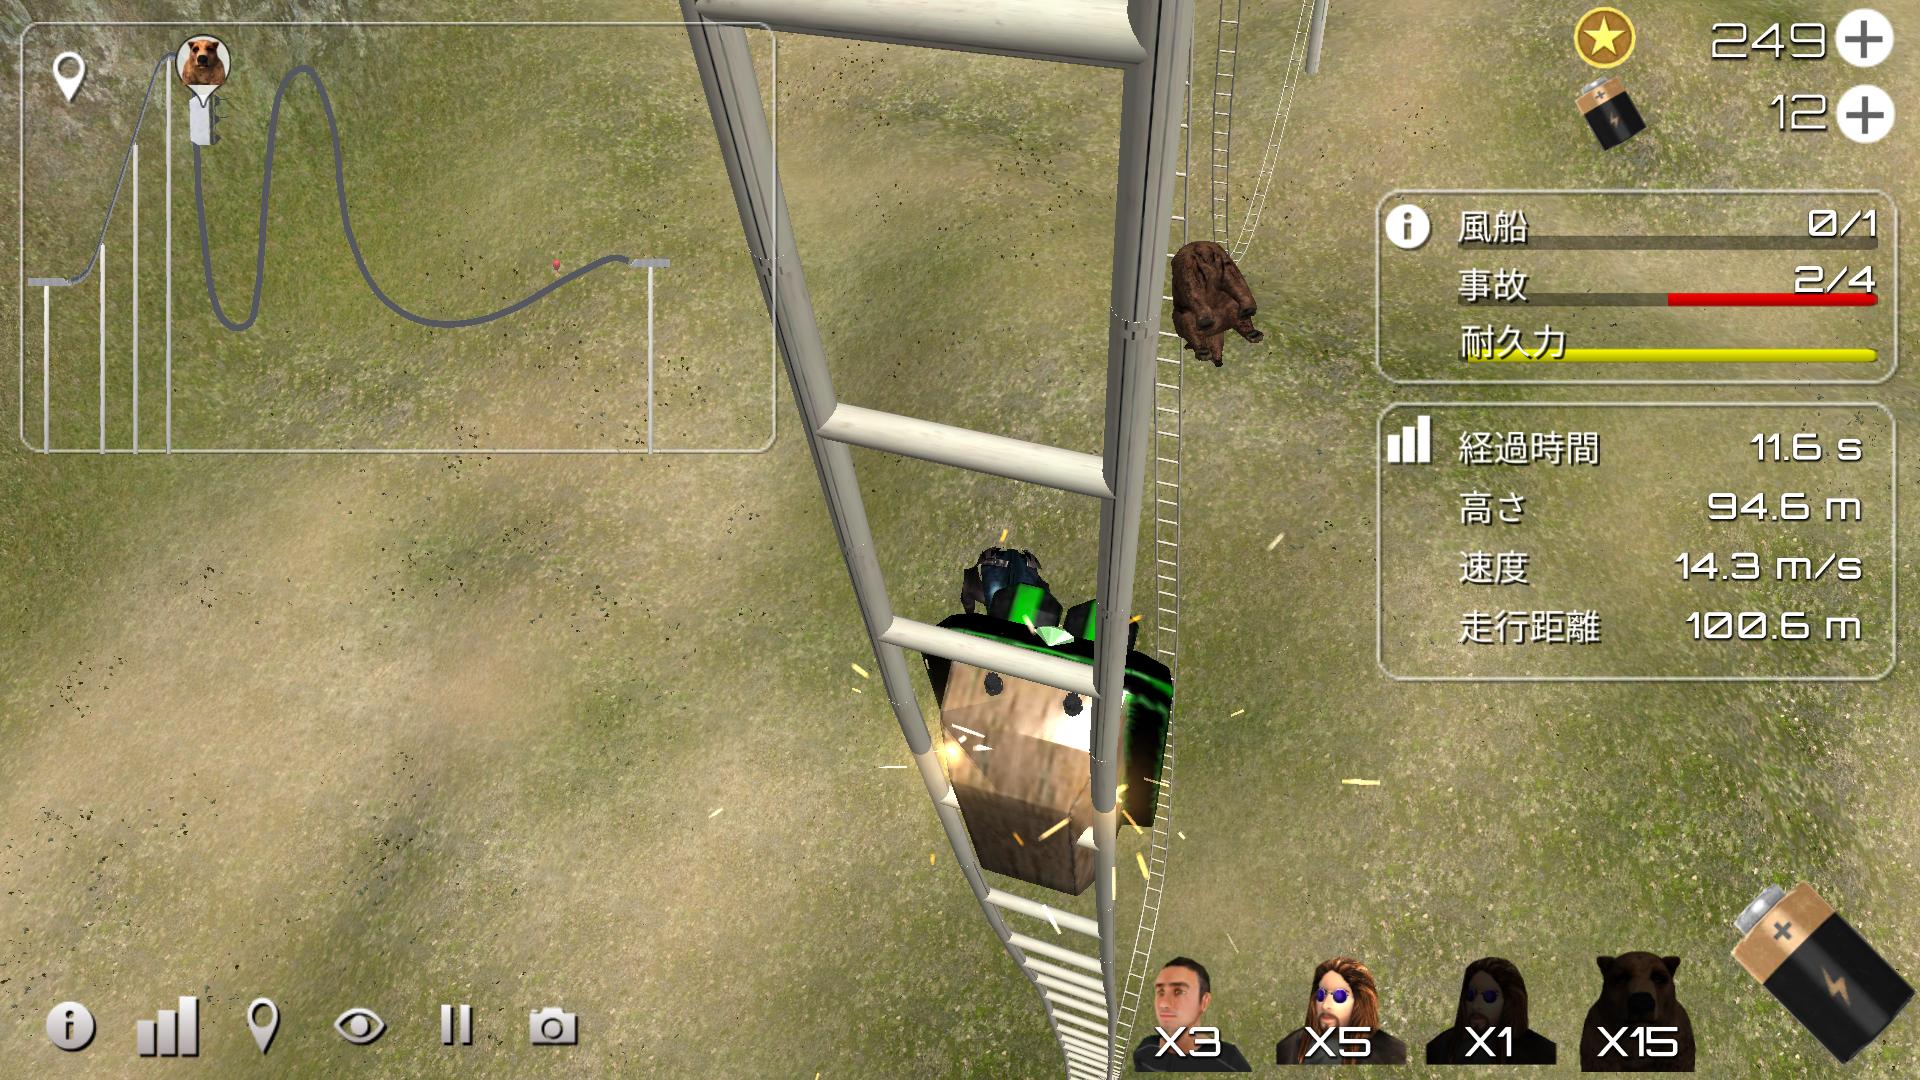 Roller Coaster Simulator(ジェットコースター) androidアプリスクリーンショット1